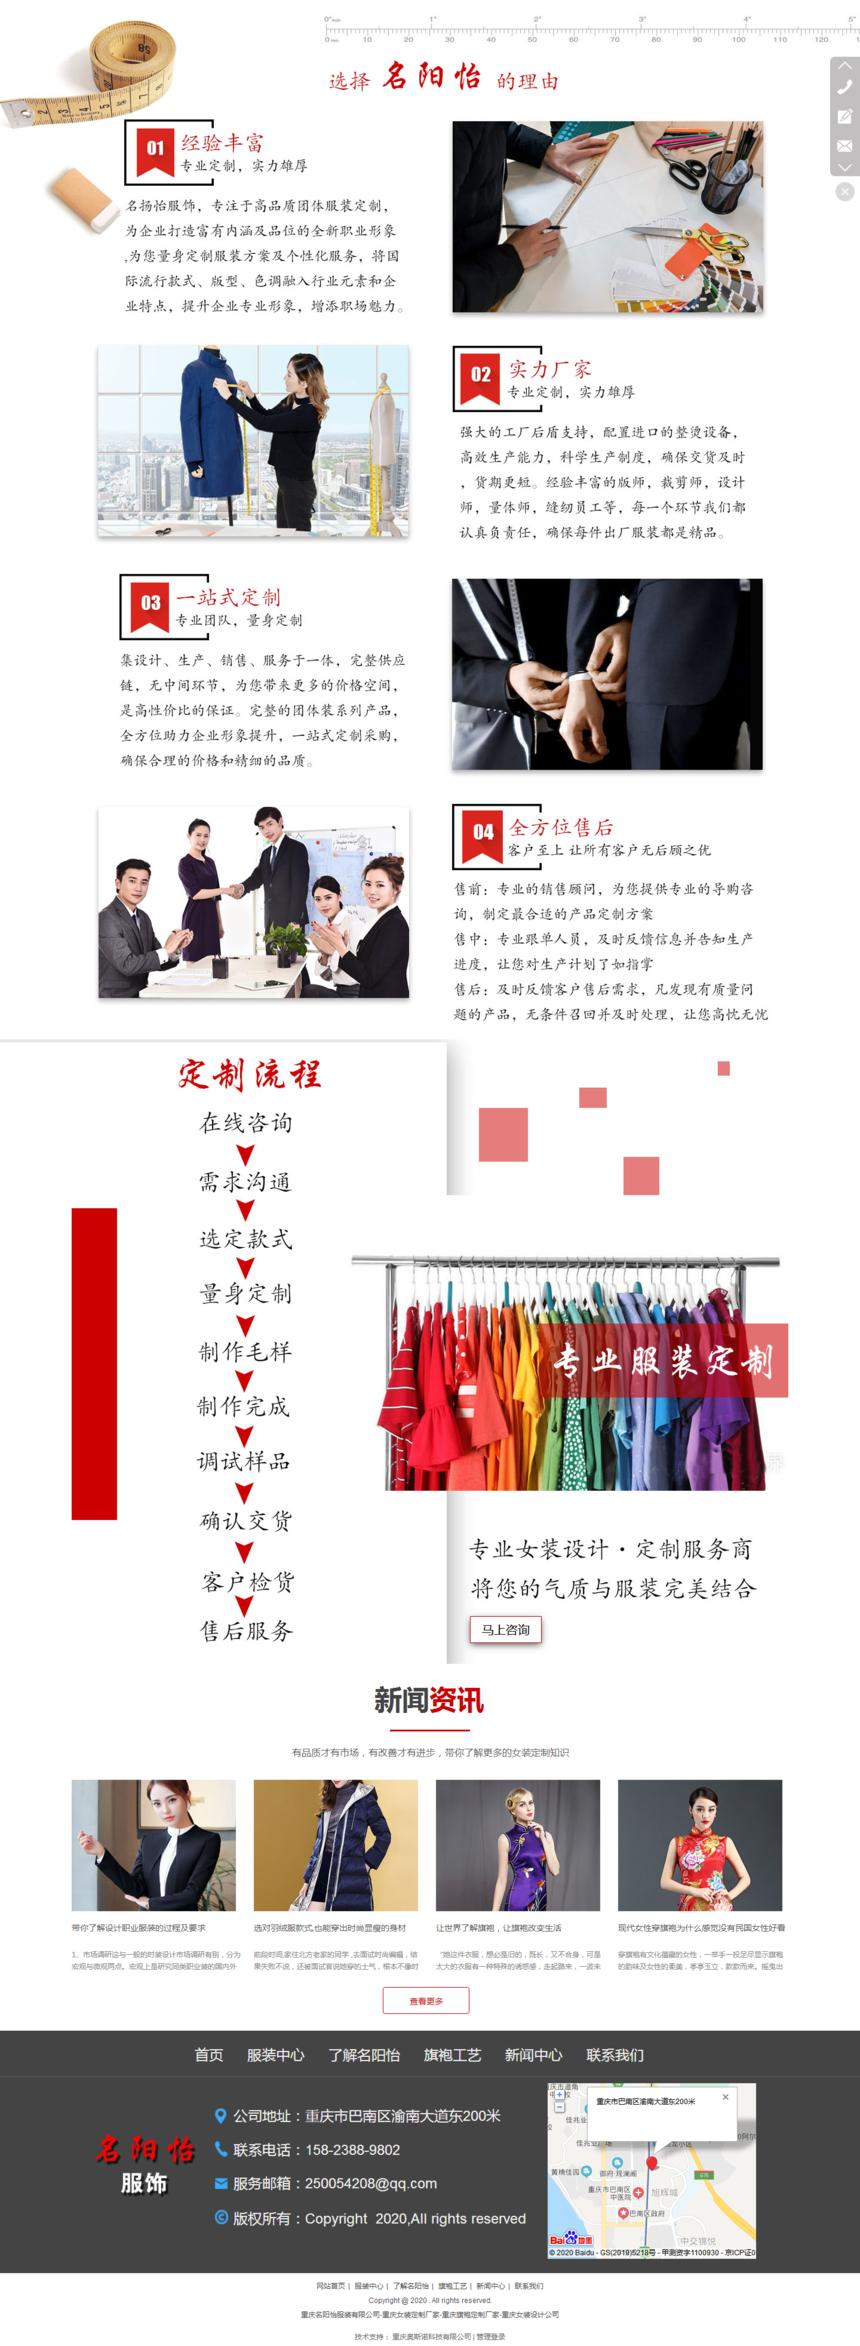 重庆名阳怡服装网站建设案例.png